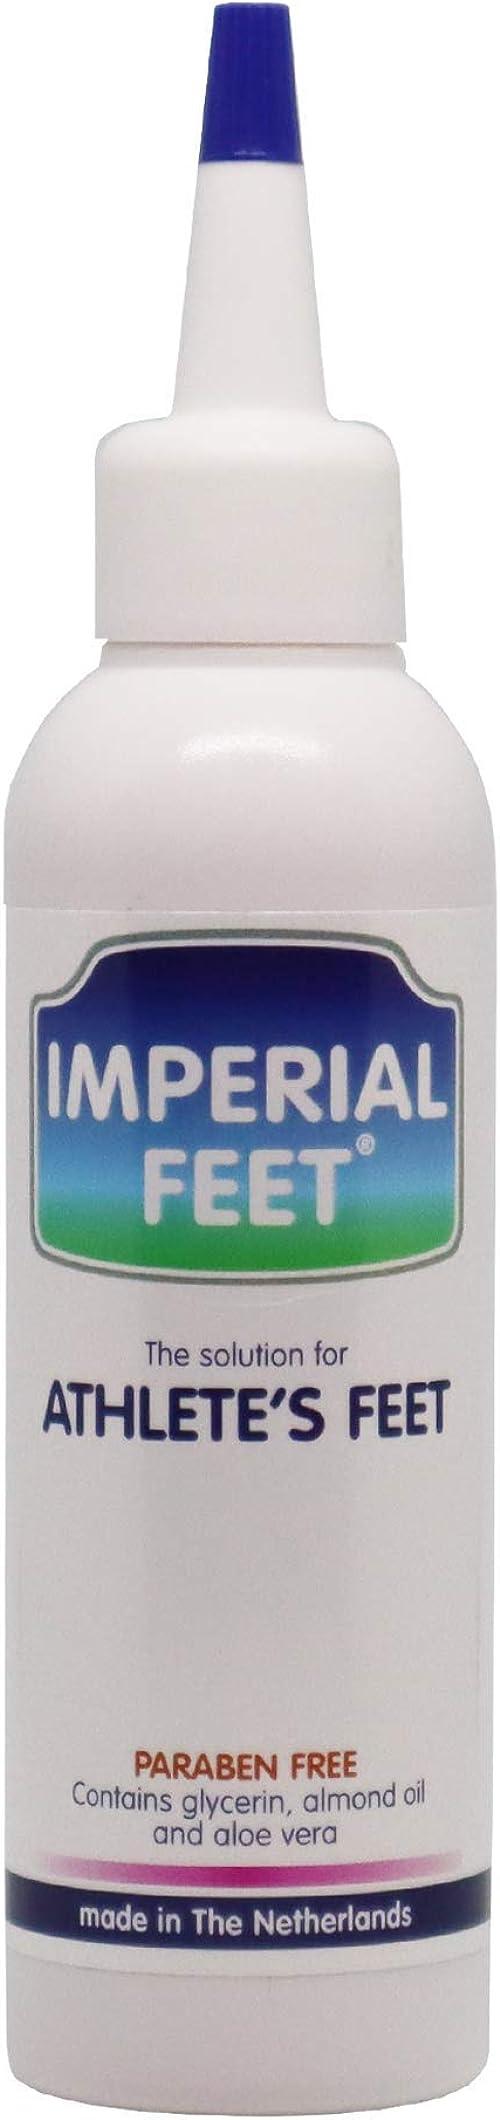 Imperial feet trattamento del piede dell`atleta|crema per il trattamento del piede antifungino xtra large75 ml SK-89930